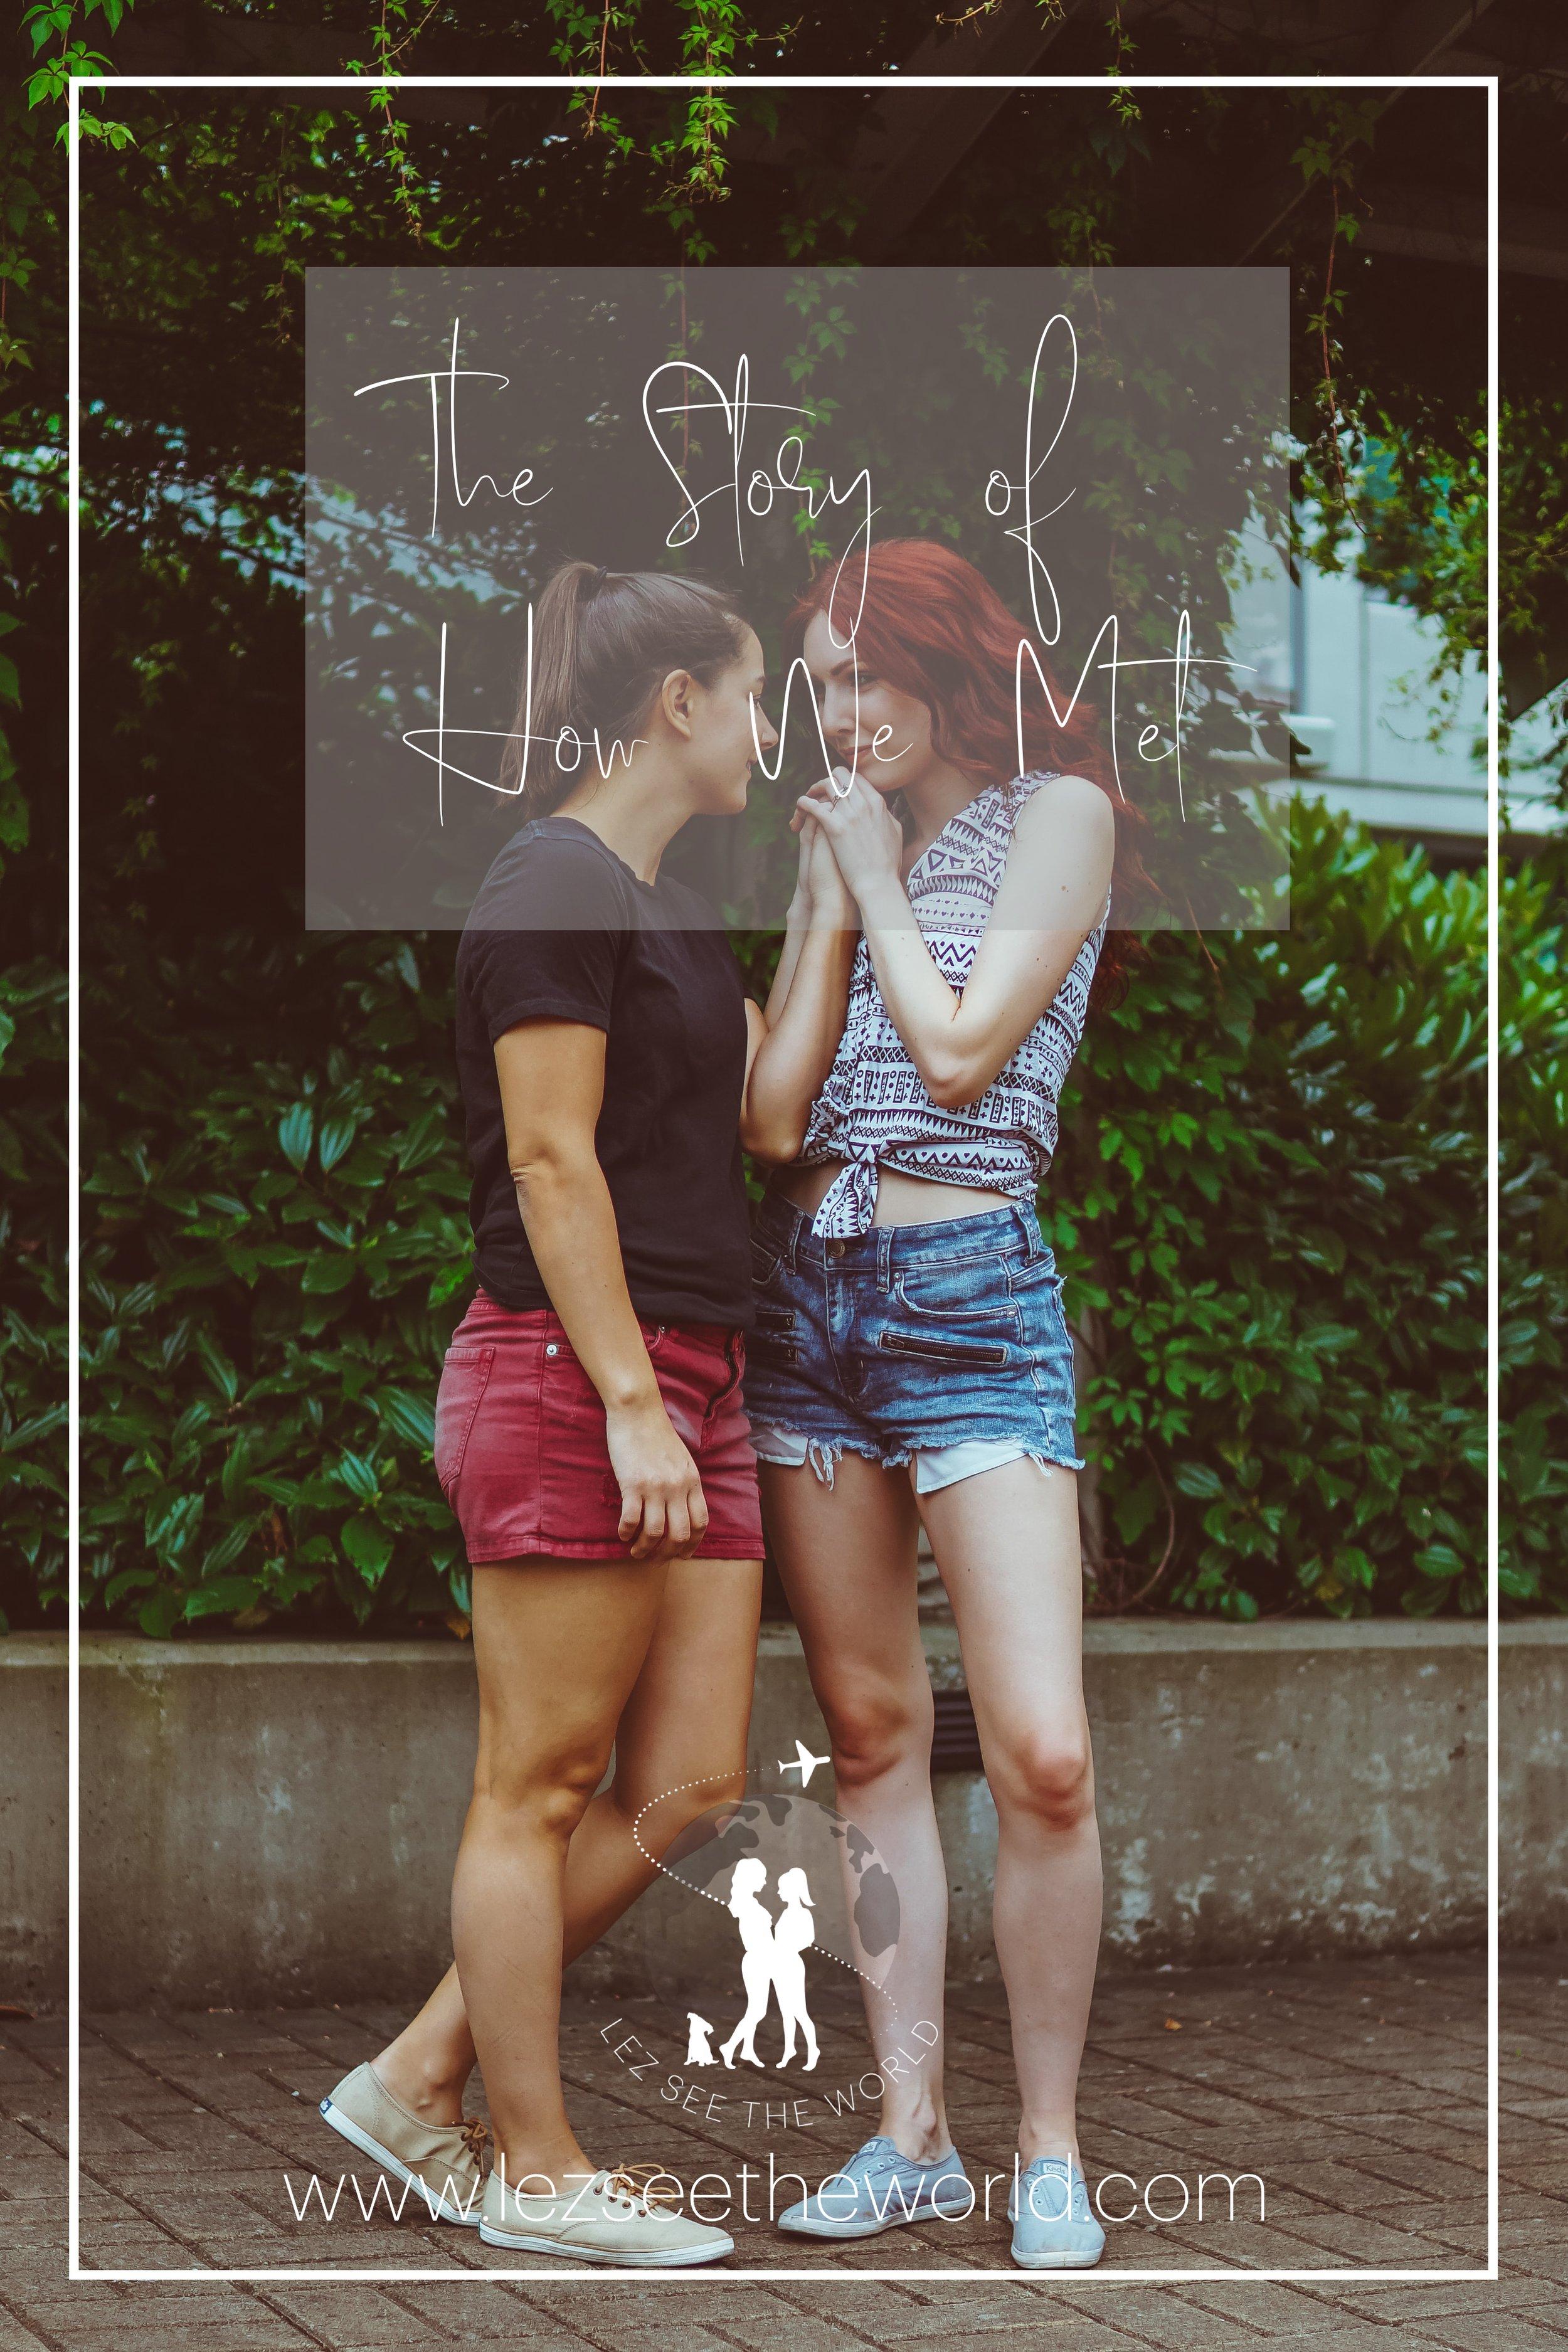 Pinterest How We Met.jpeg